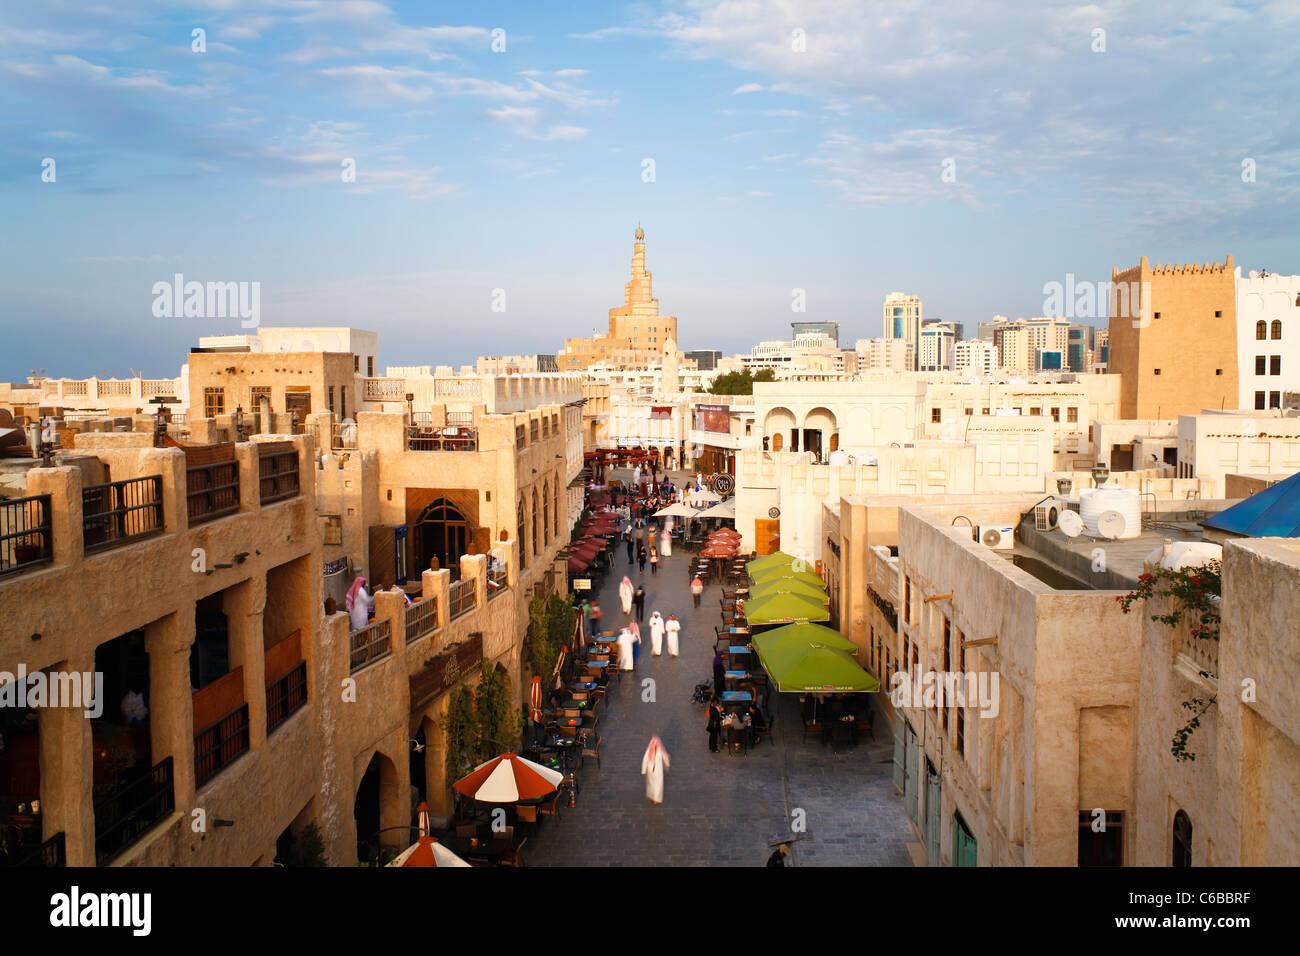 Qatar, en Oriente Medio, la Península Arábiga, Doha, el souq Waqif restaurado Imagen De Stock